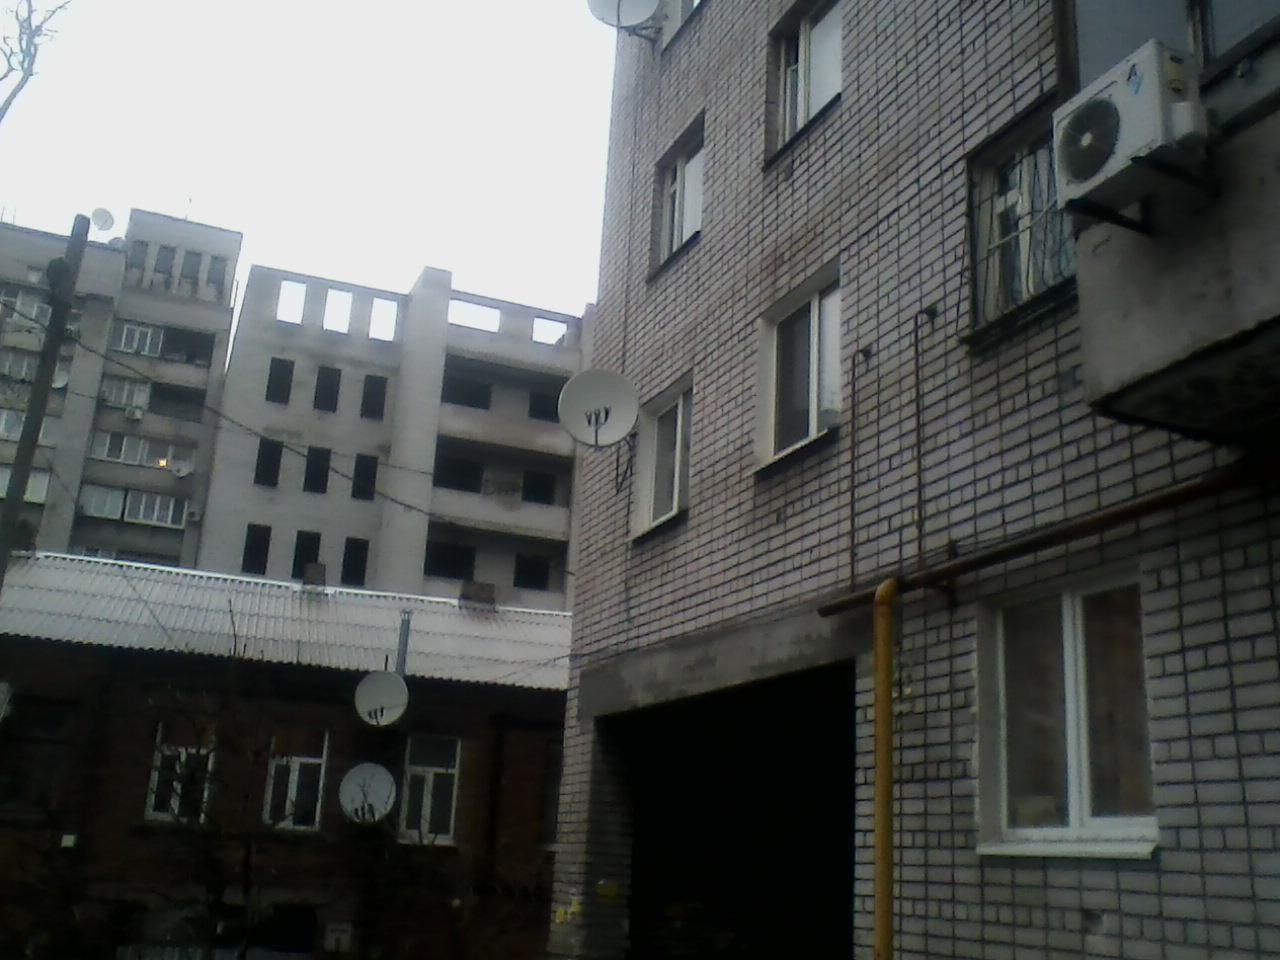 Установка спутника на высотном доме р-н 12 квартала